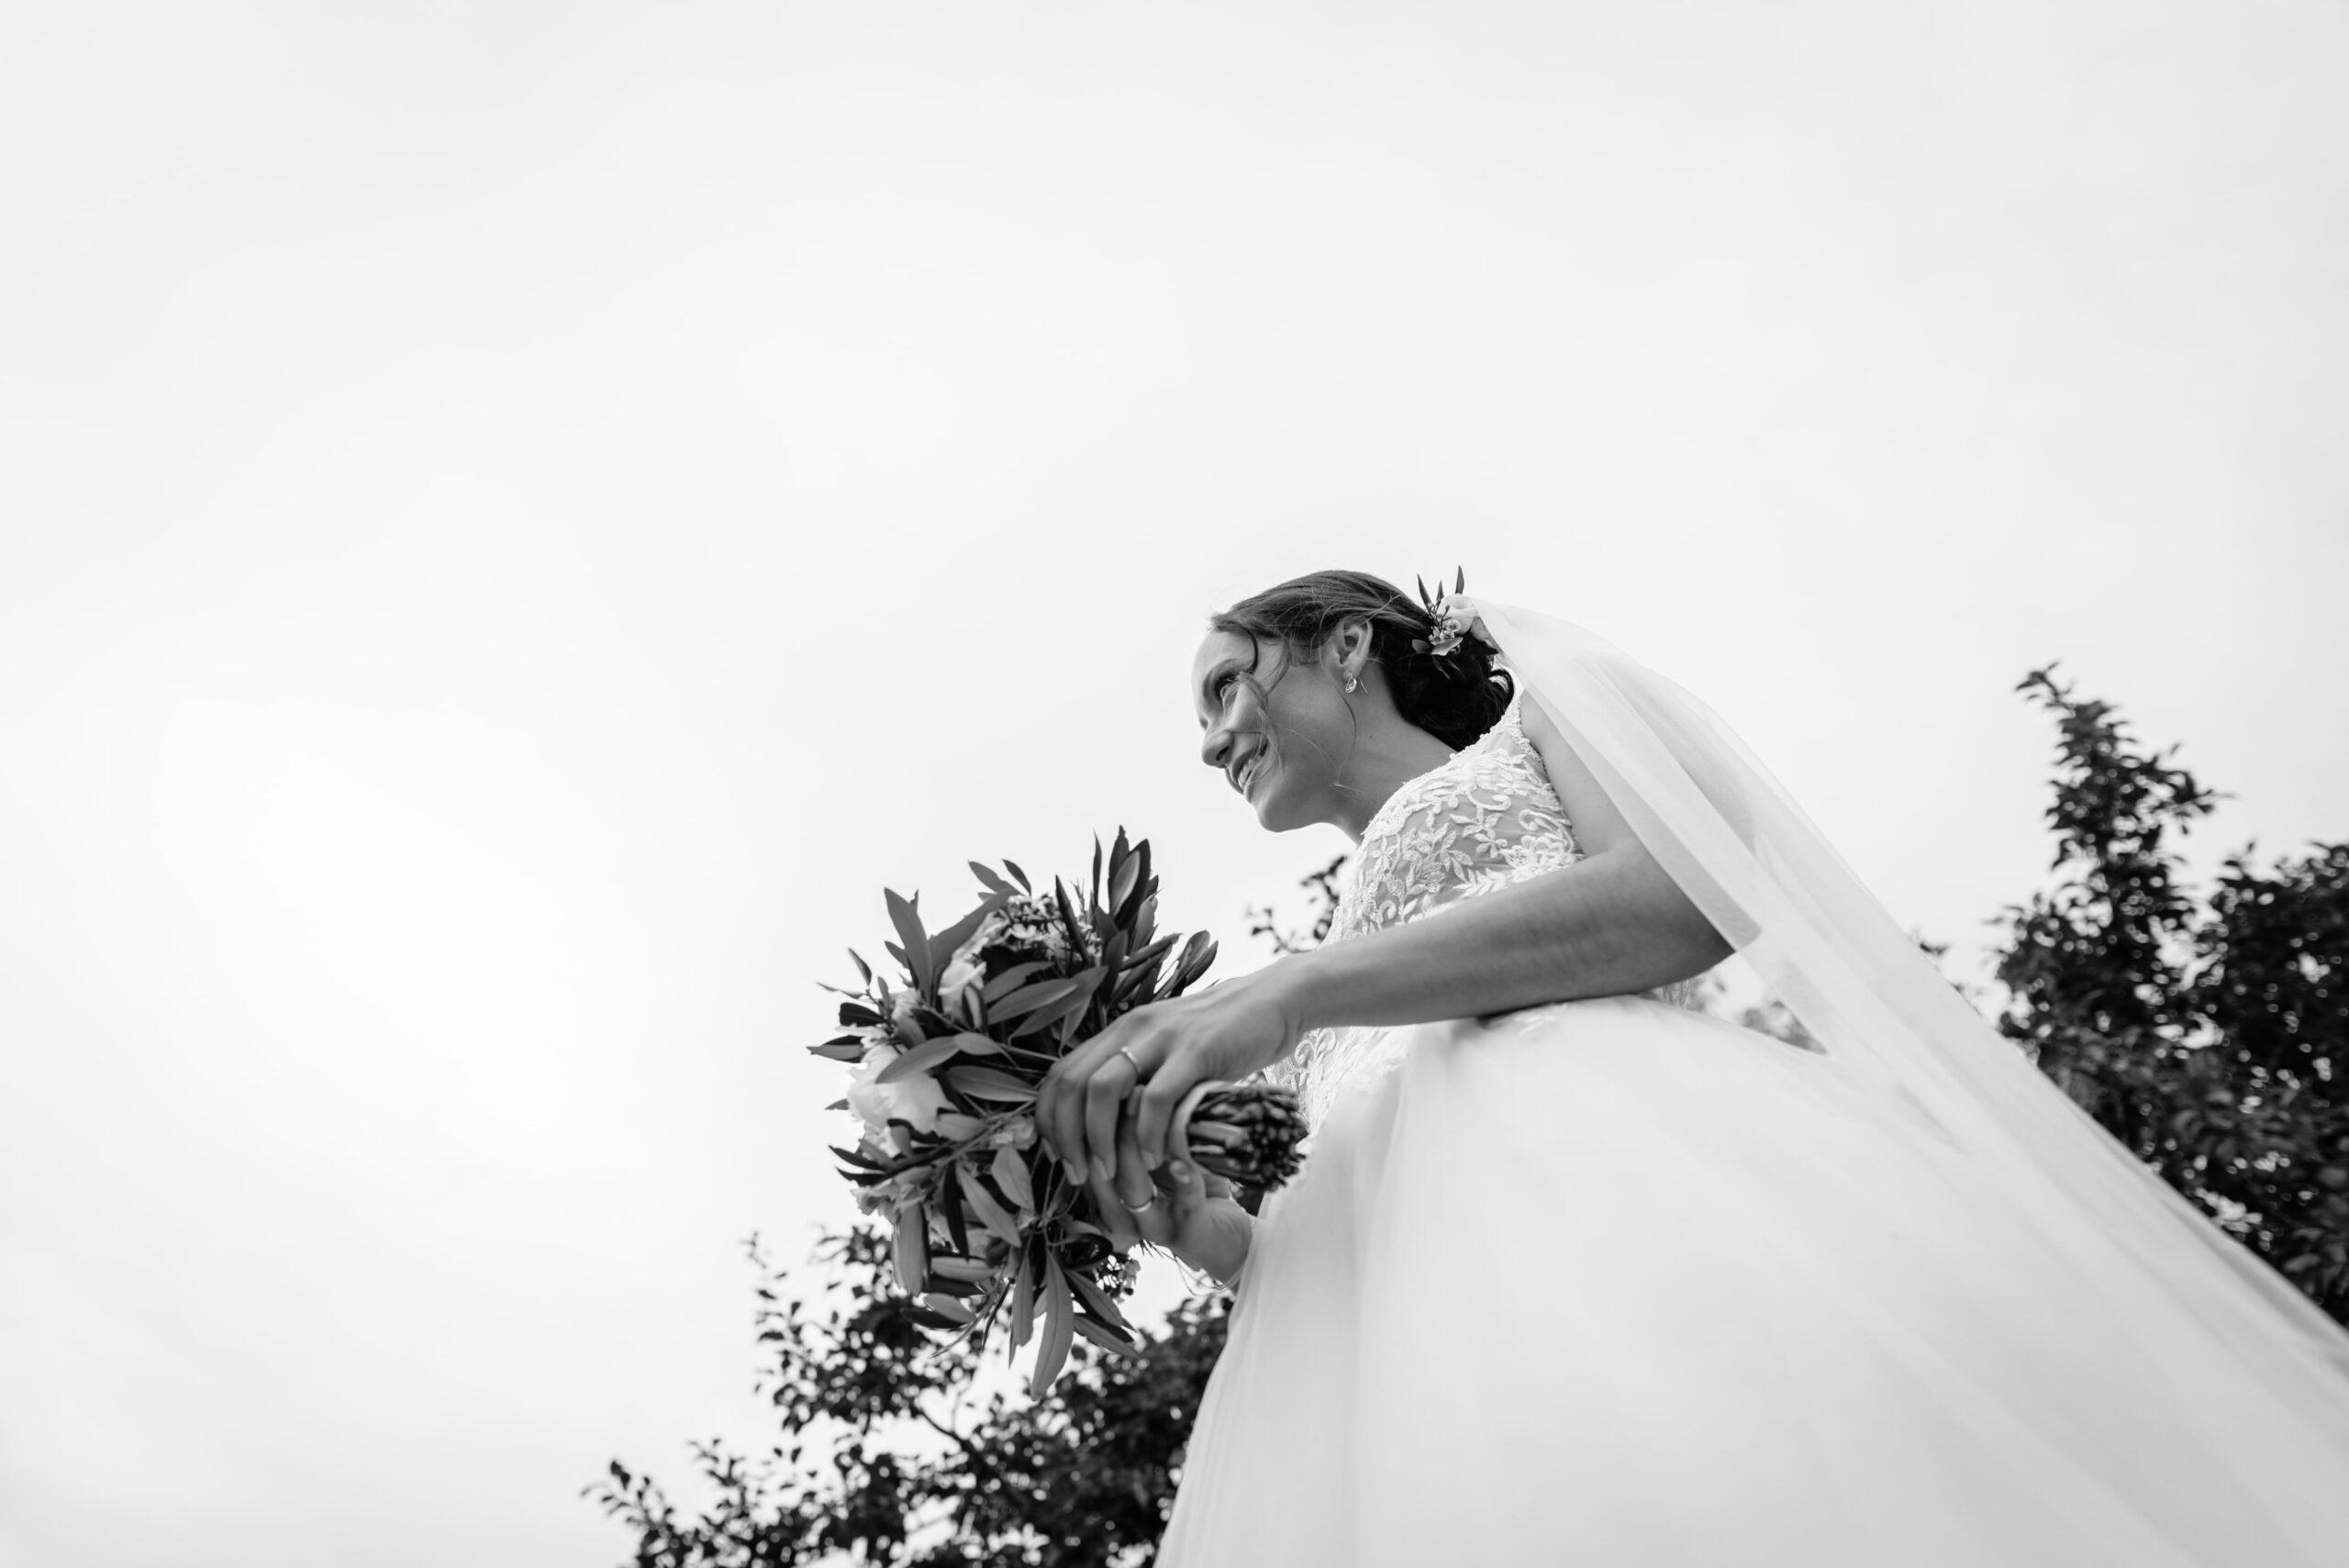 baden württemberg, badenwürttemberg, Braut, Brautkleid, brautpaarshooting, Brautstrauß, couple, deutschland, elopement, elopement trauung, emotion, emotionen, Esslingen, fotograf, germany, hochzeit, hochzeitsblog, Hochzeitsfotografie, hochzeitsinspiration, inspiration, instabraut, momente, Nürtingen, Photographer, pinterest, Ringe, Ringwechsel, schwäbische alb, shooting, Standesamt, Stuttgart, Tübingen, Vintage, Wedding, wedding photographer